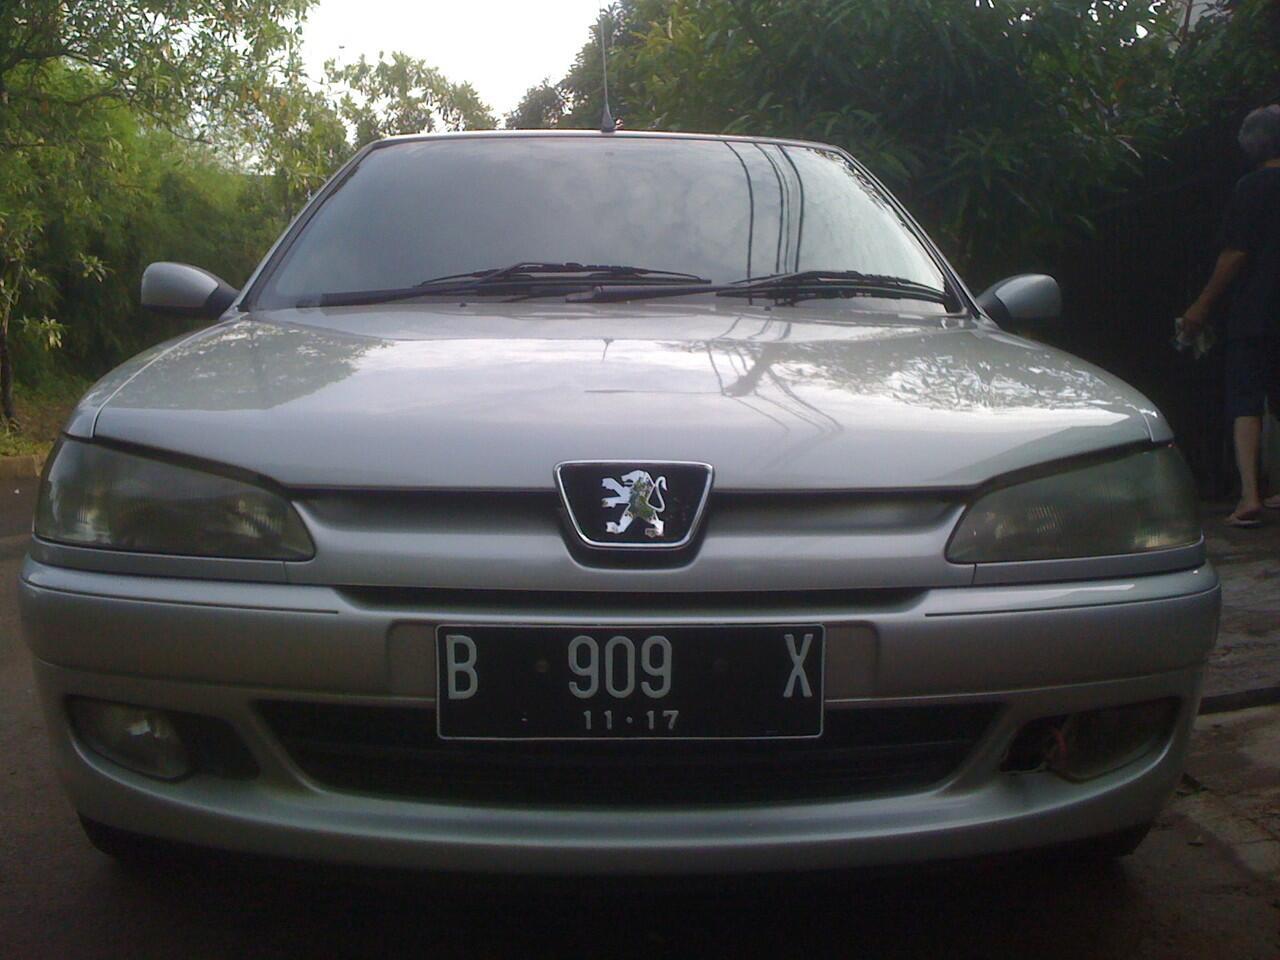 Peugeot 306 N5 Silver Metalik Matic 1997 MULUUSSS !!